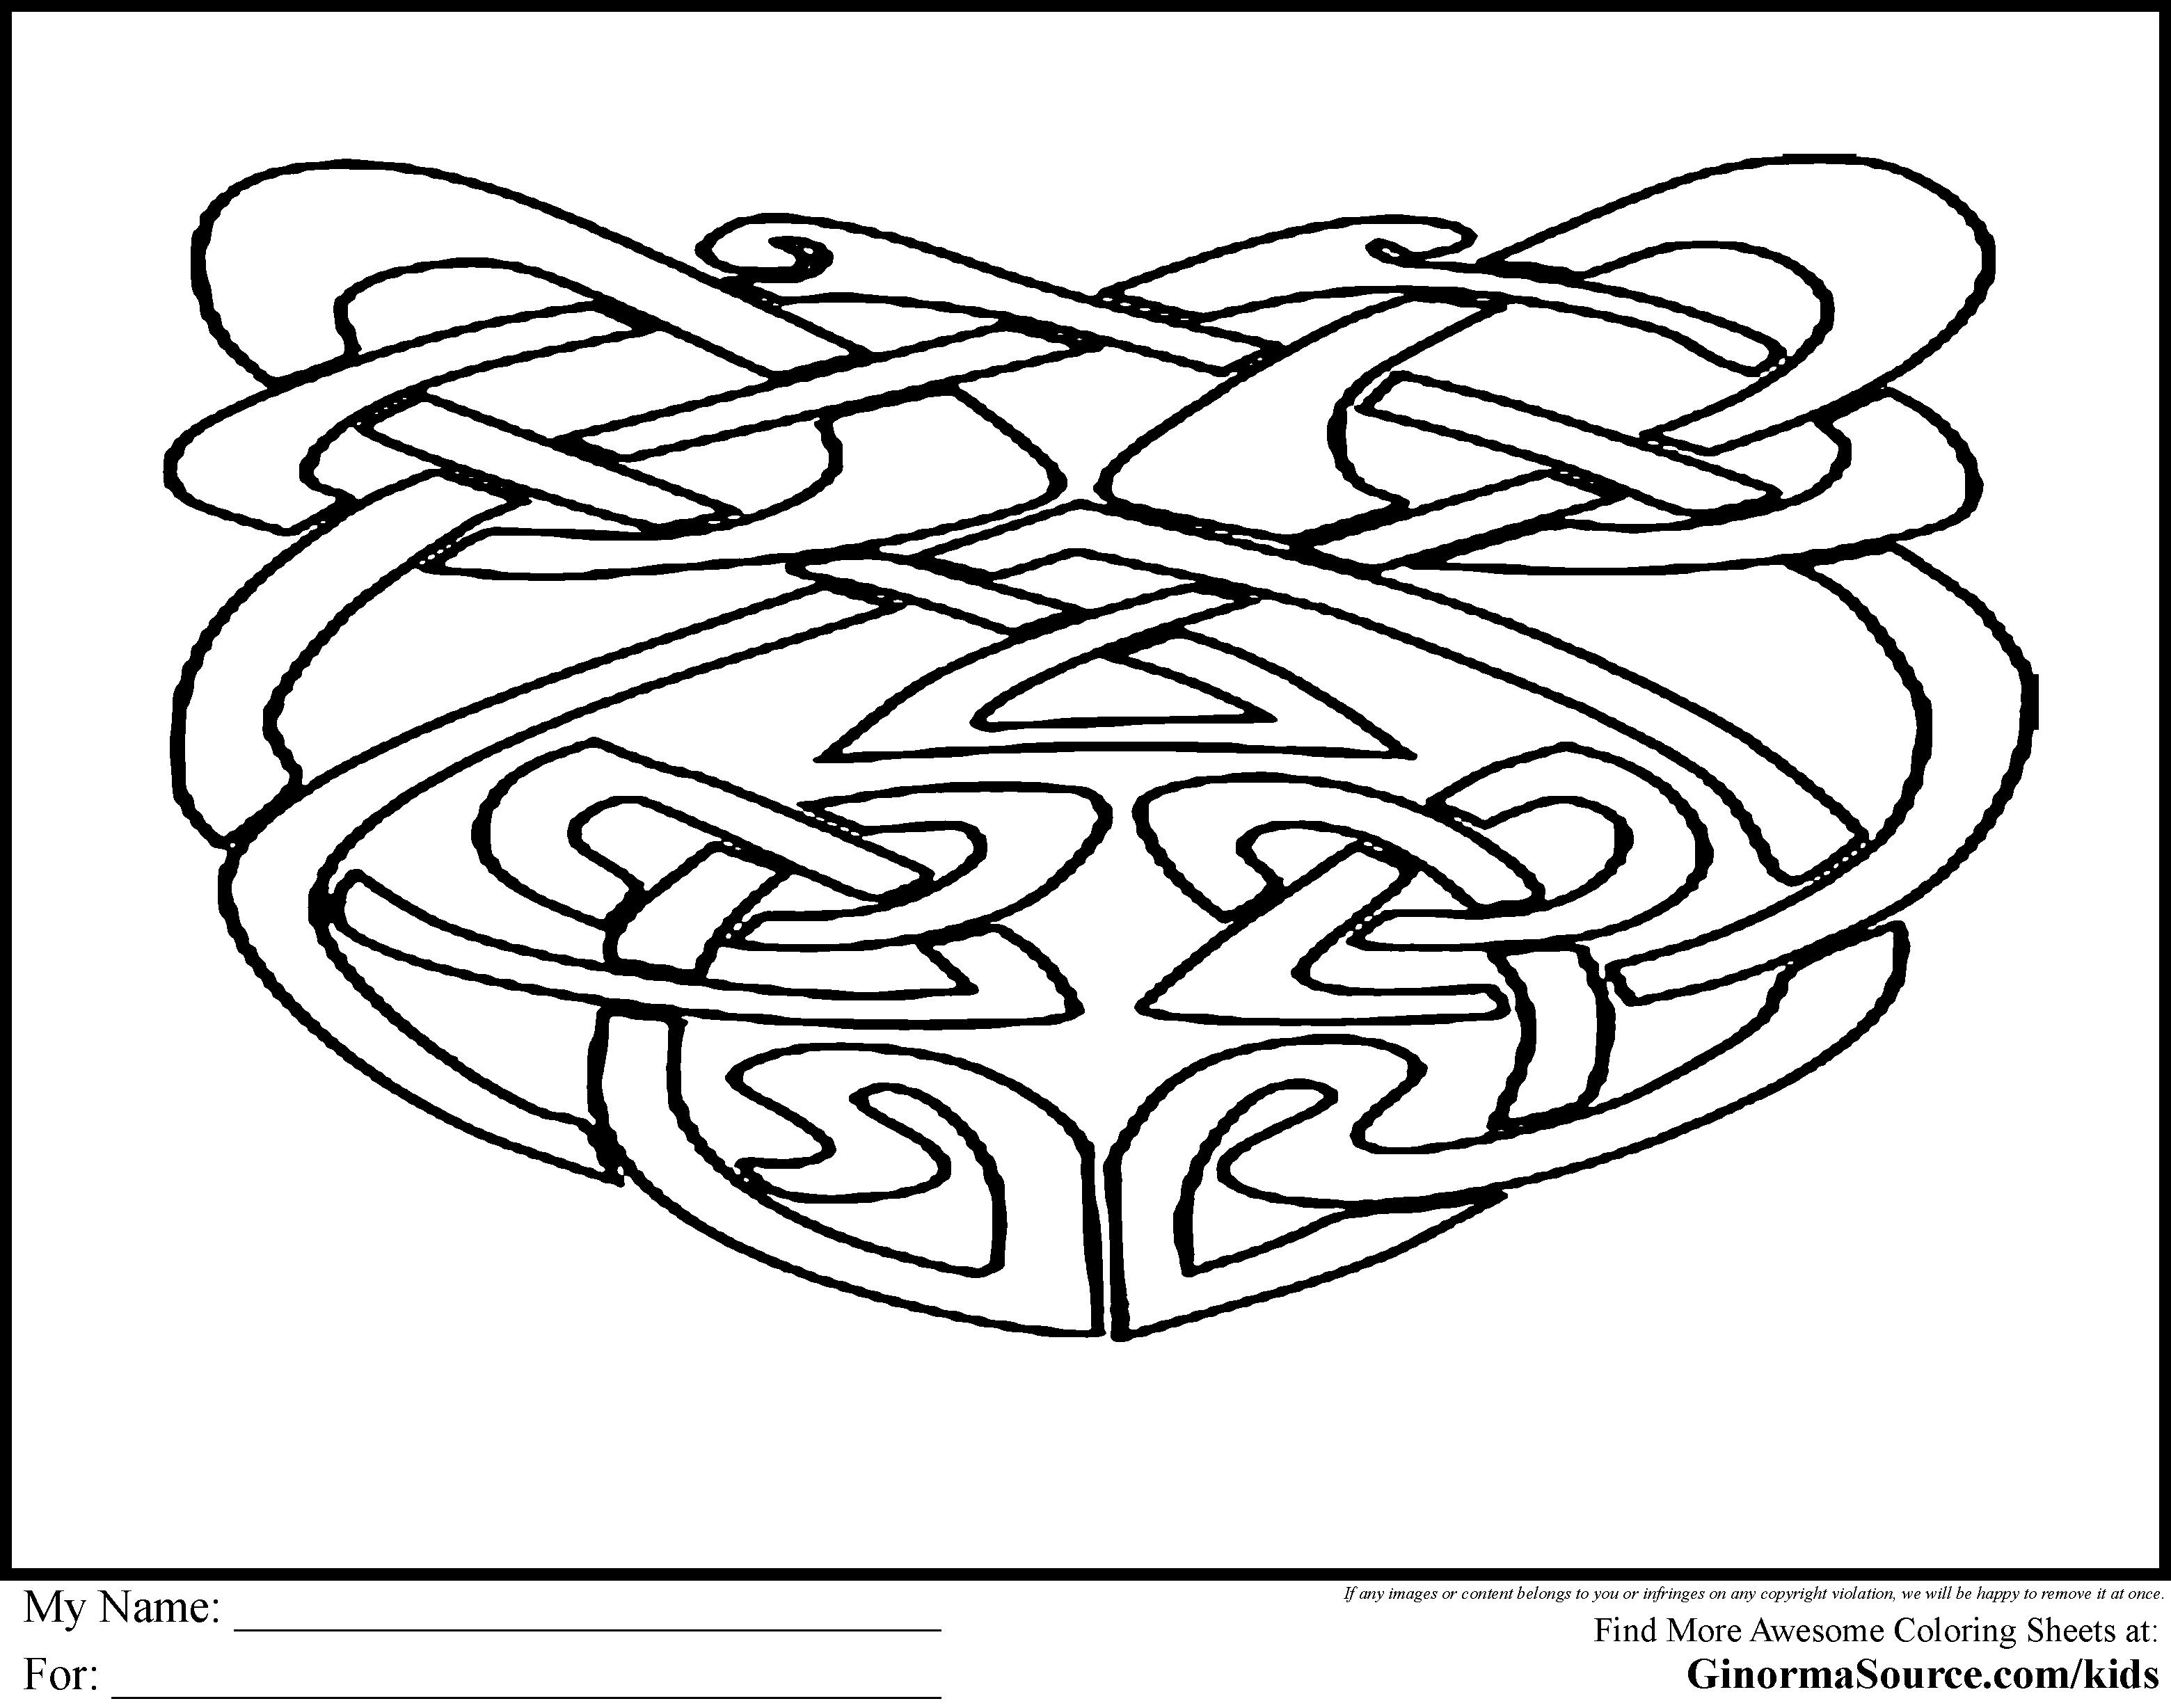 Großzügig Malvorlagen Für Kinder Aus Geometrischen Formen Fotos ...